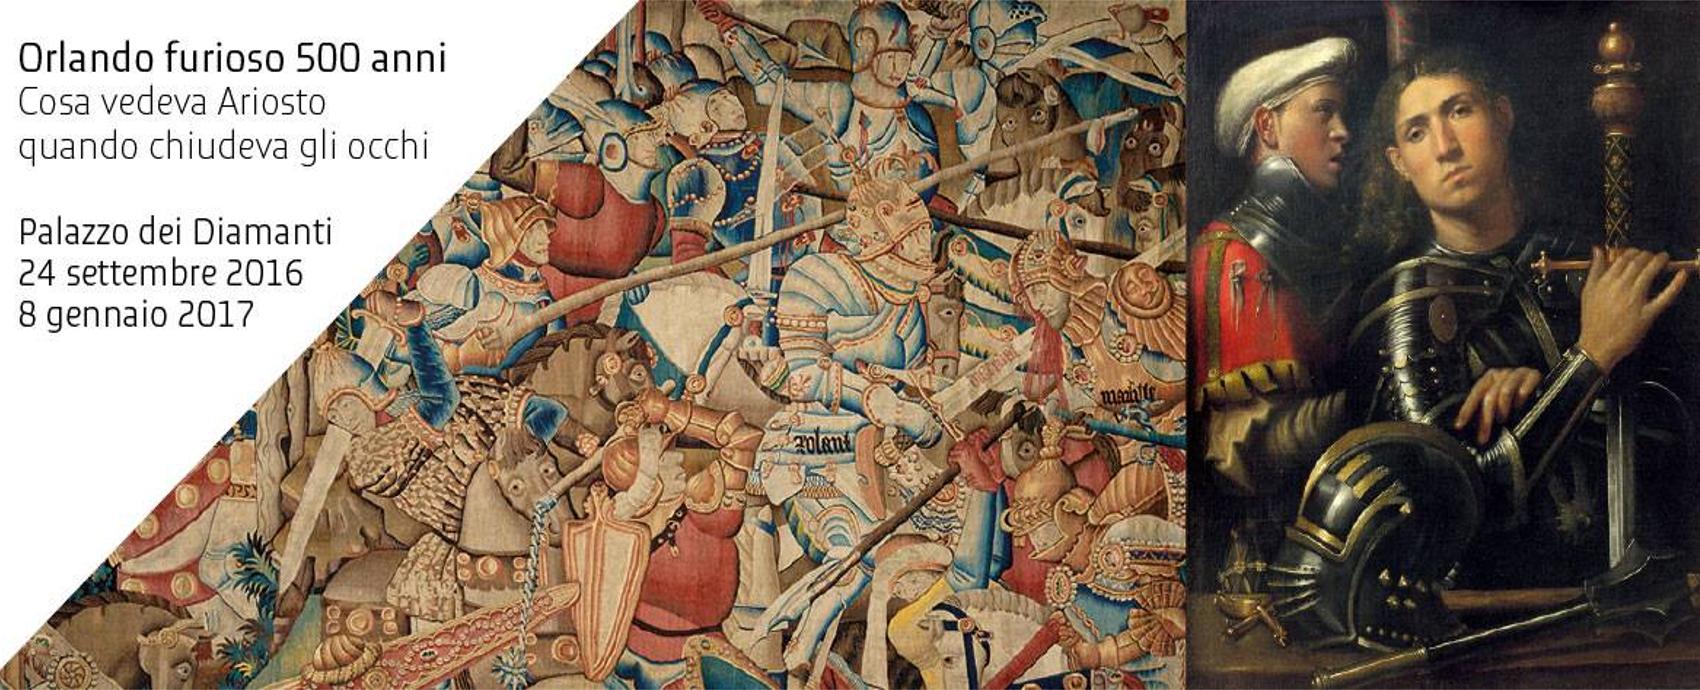 Orlando Furioso 500 anni al Palazzo dei Diamanti